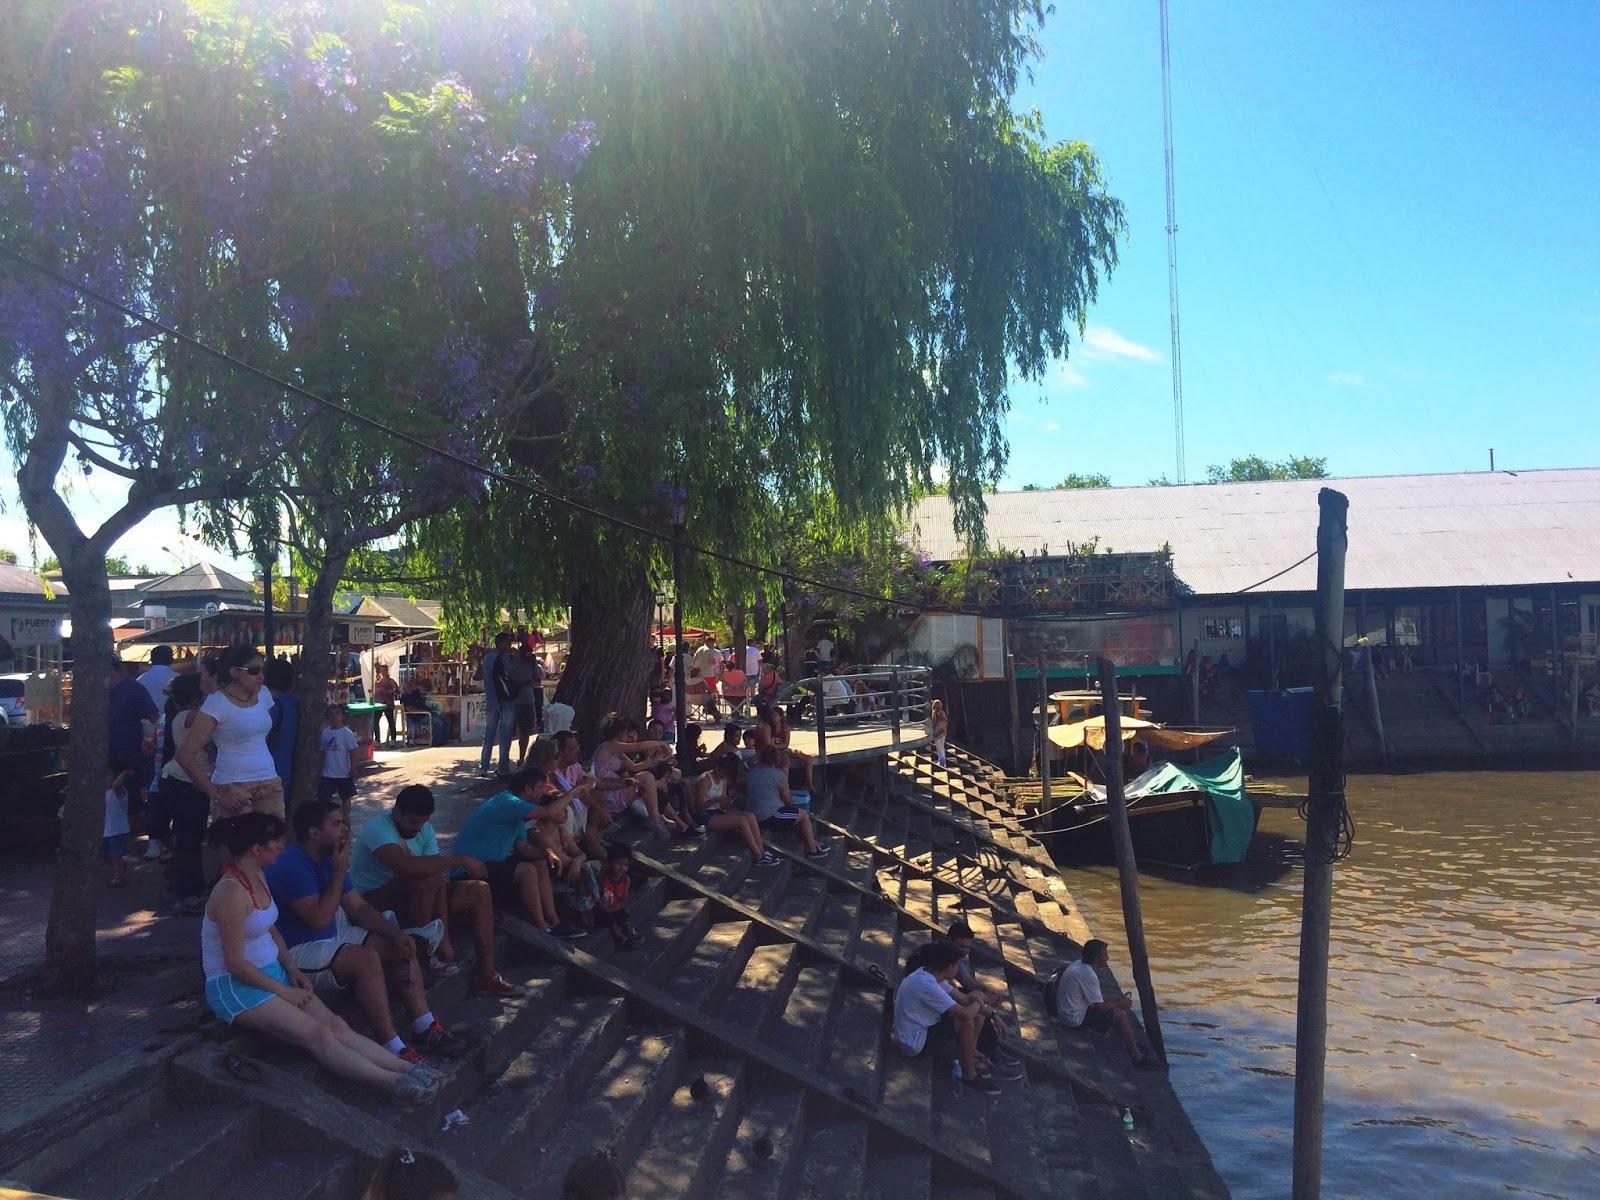 Bachas Para Baño Puerto De Frutos:La gente descansando y disfrutando de la sombre en el puerto de frutos